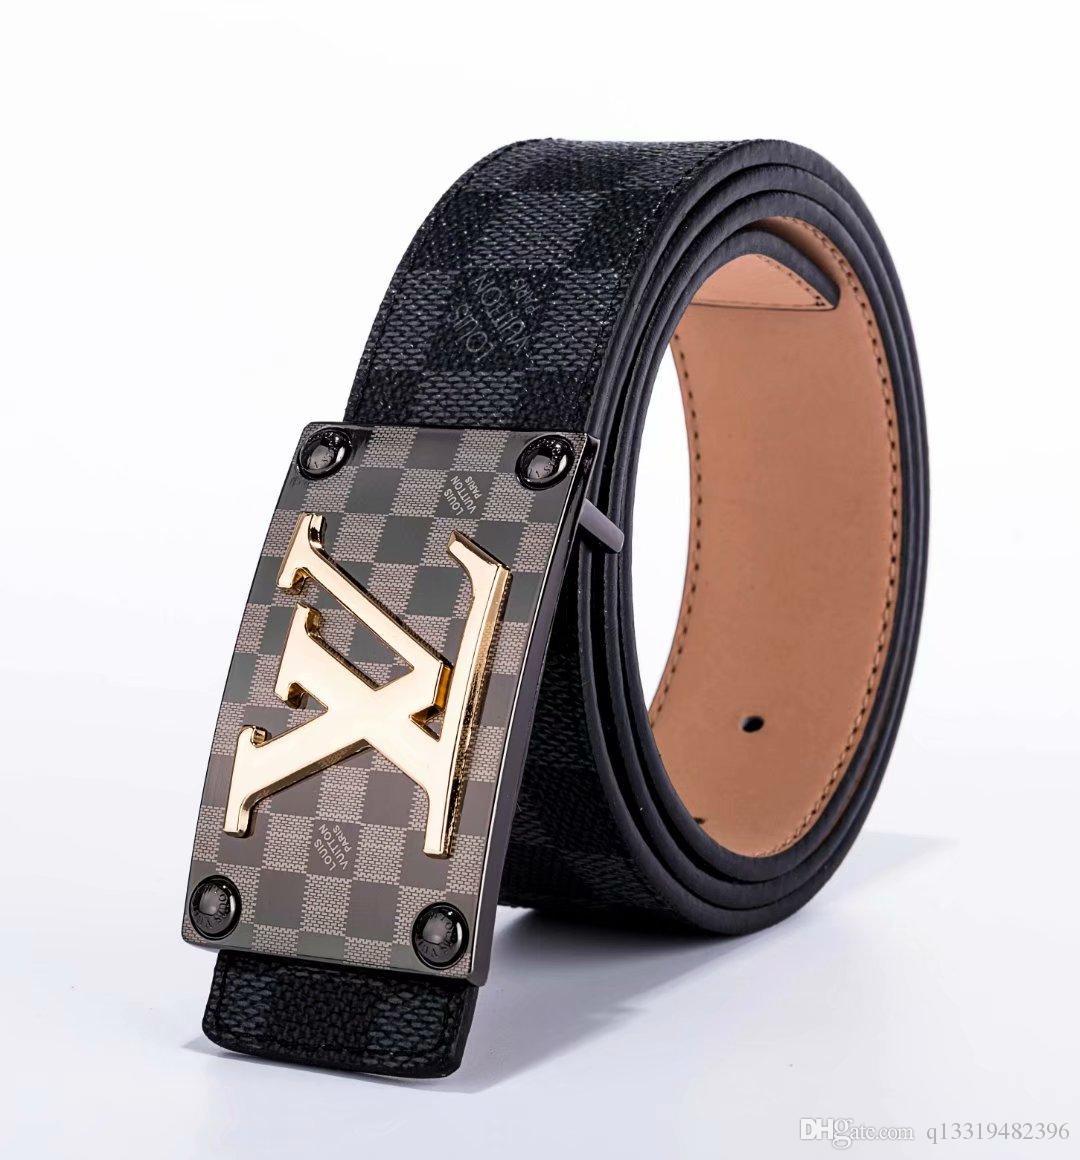 2020 neue Herren Gürtel Luxuxqualitäts echter Ledergürtel für Männer automatischen Schnalle Marke Gürtel ceinture homme